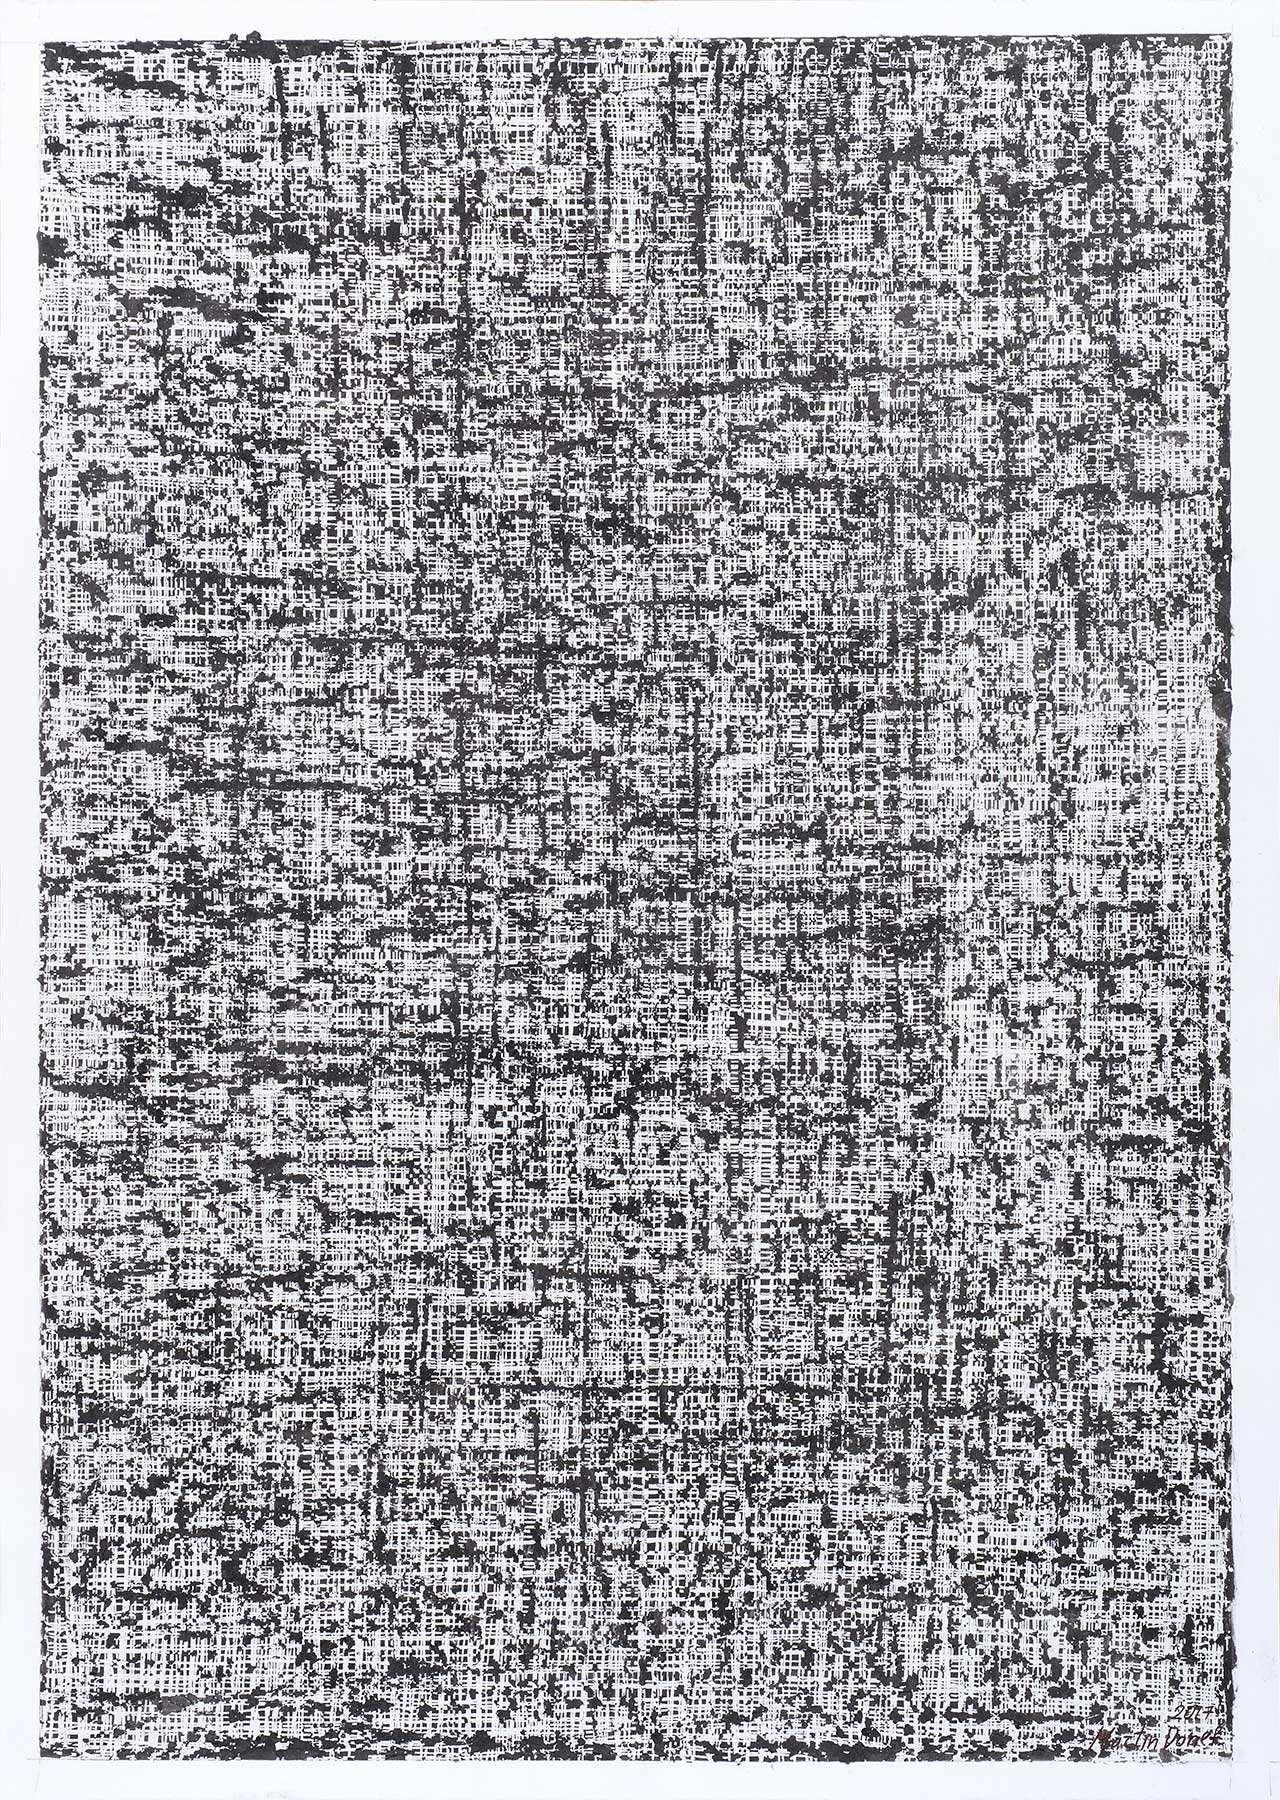 Άτιτλο, 2017, μελάνι σε χαρτί, 50x35 εκ.